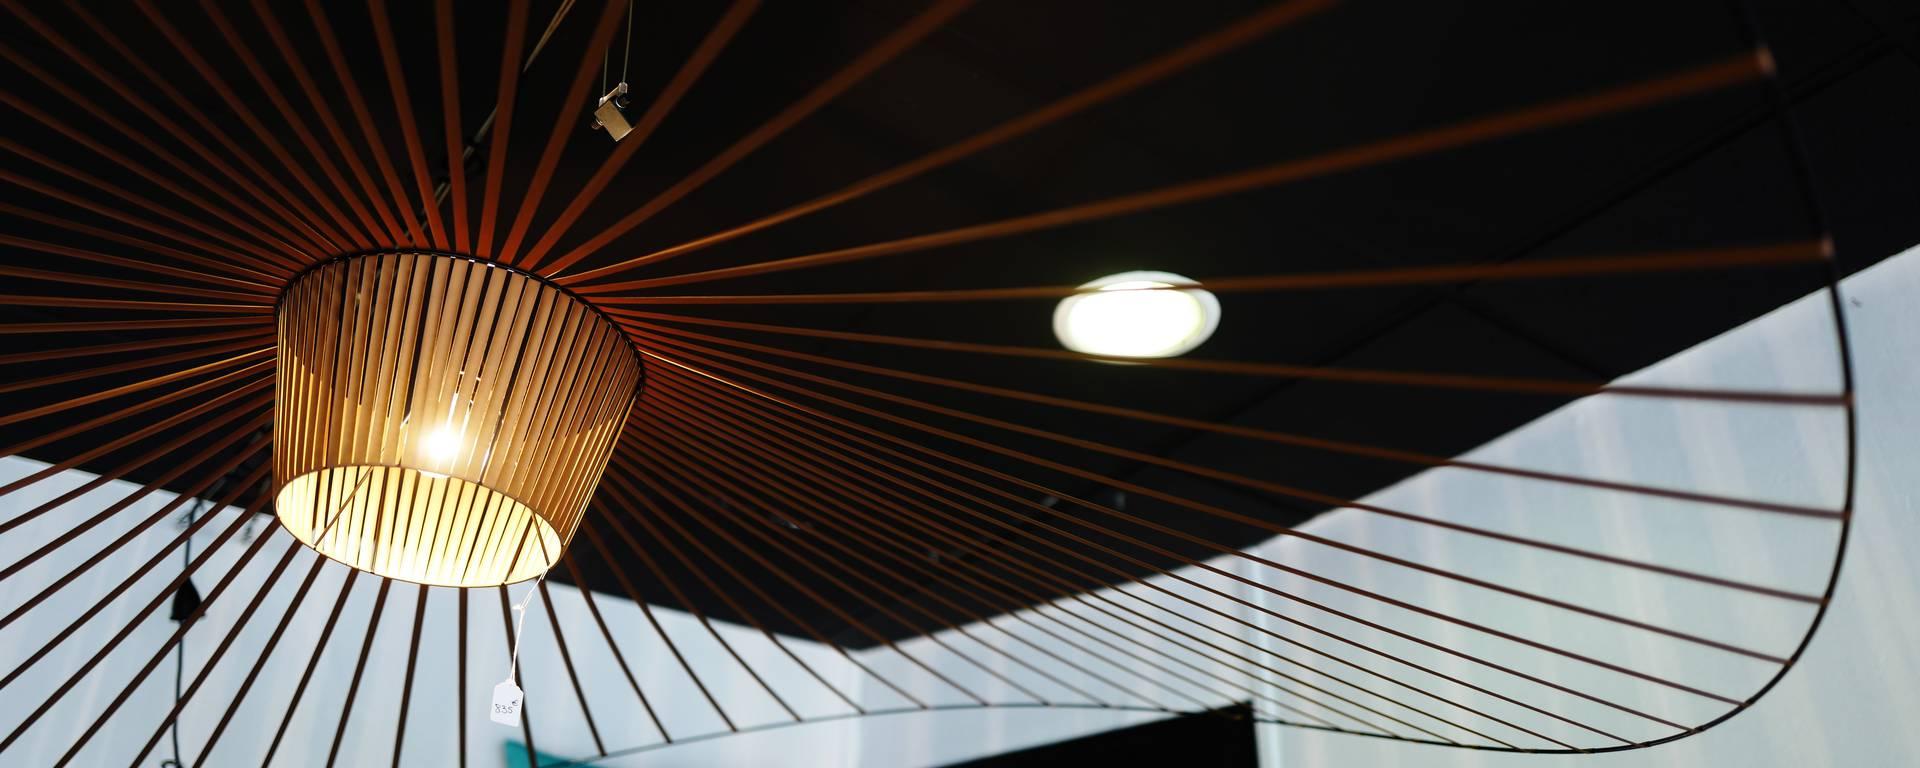 reve de flamme simple anne du e du dbarquement with reve de flamme mirage pense de la semaine. Black Bedroom Furniture Sets. Home Design Ideas